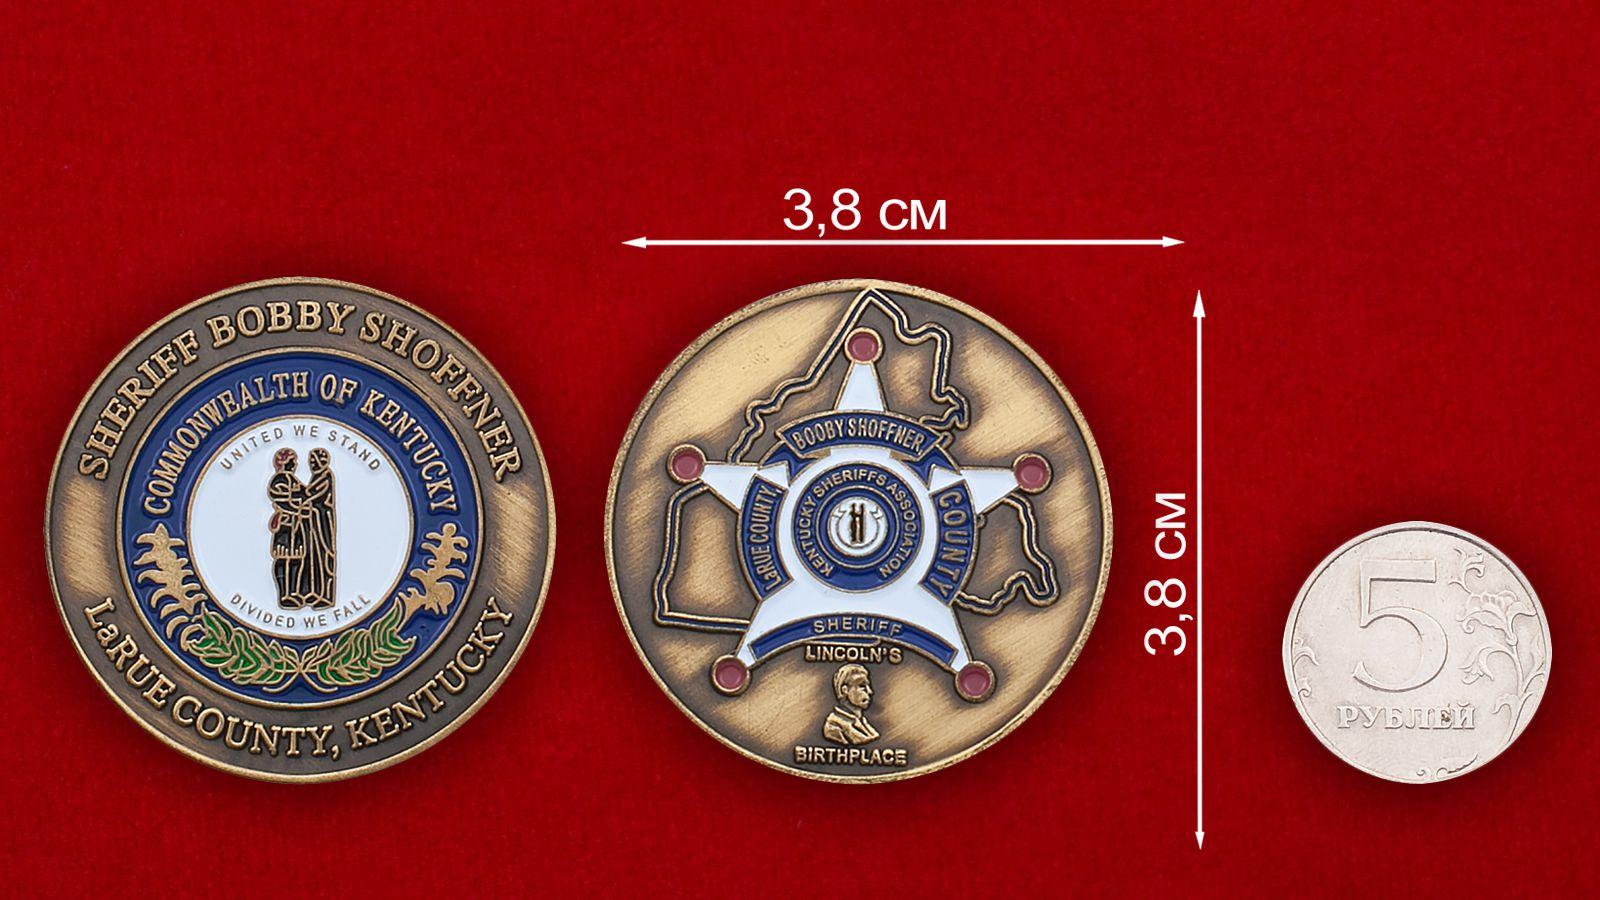 Челлендж коин Ассоциации шерифов штата Кентукки - сравнительный размер